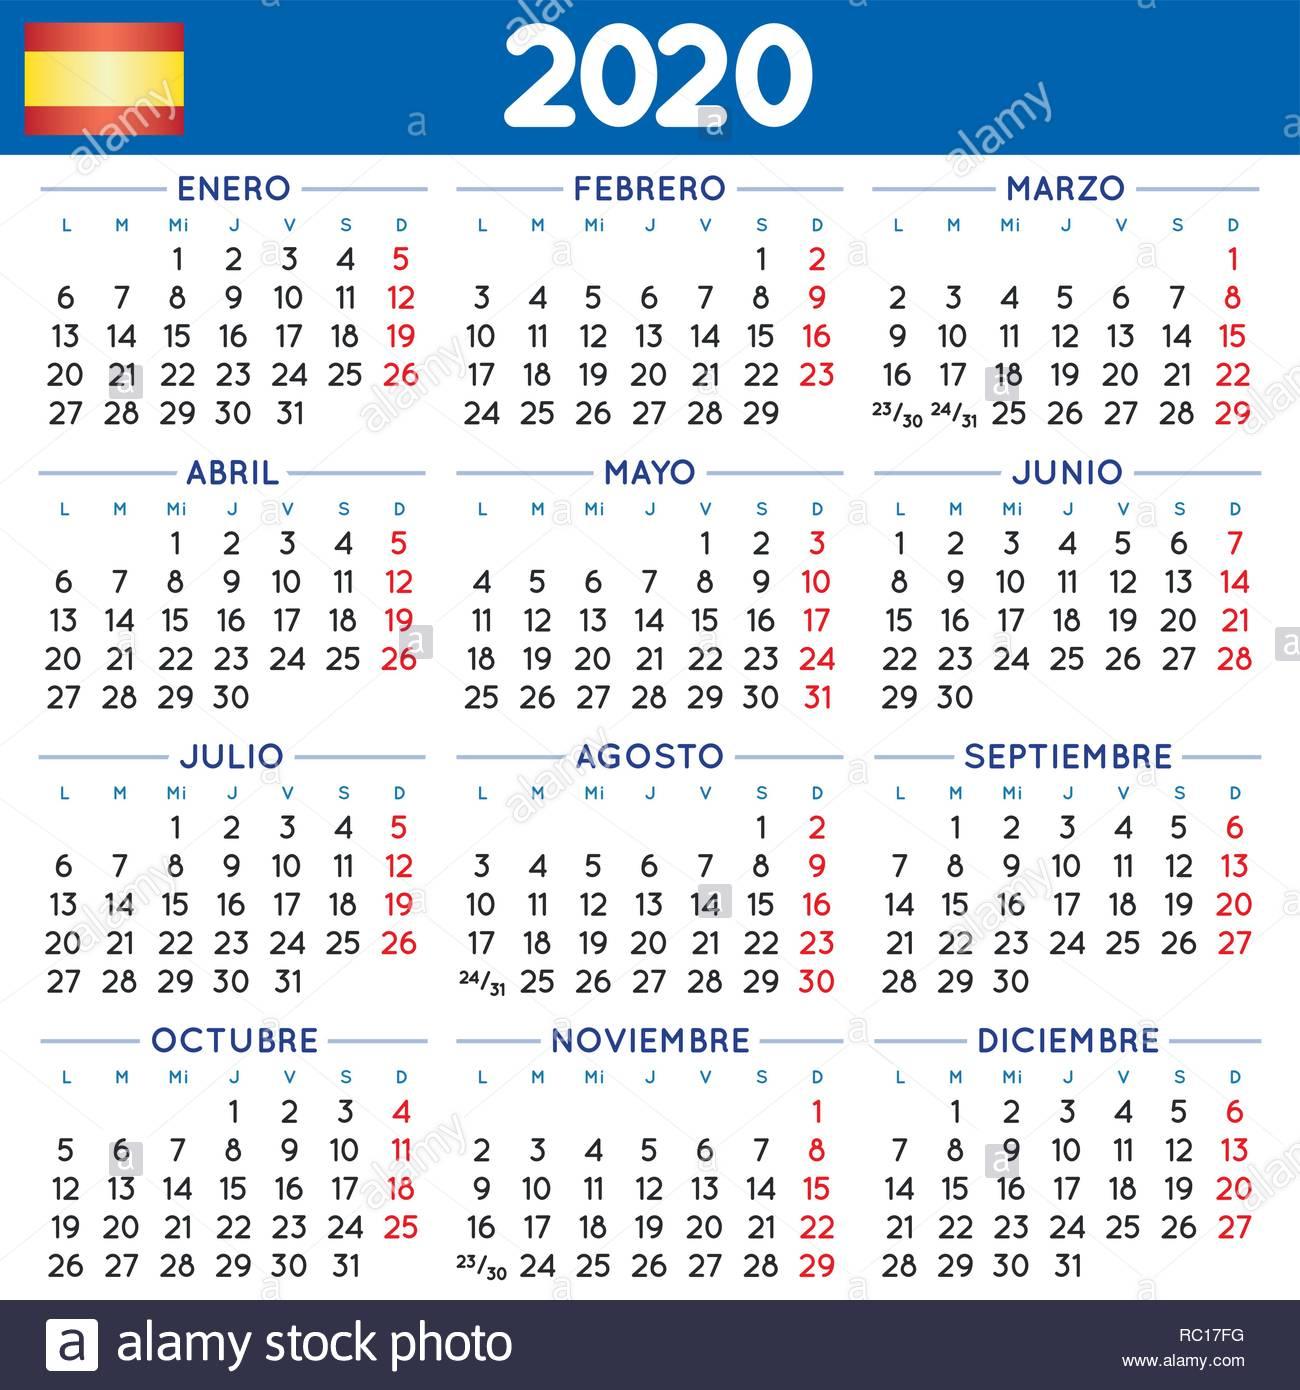 Calendario 2020 X Semanas Calendario 2019